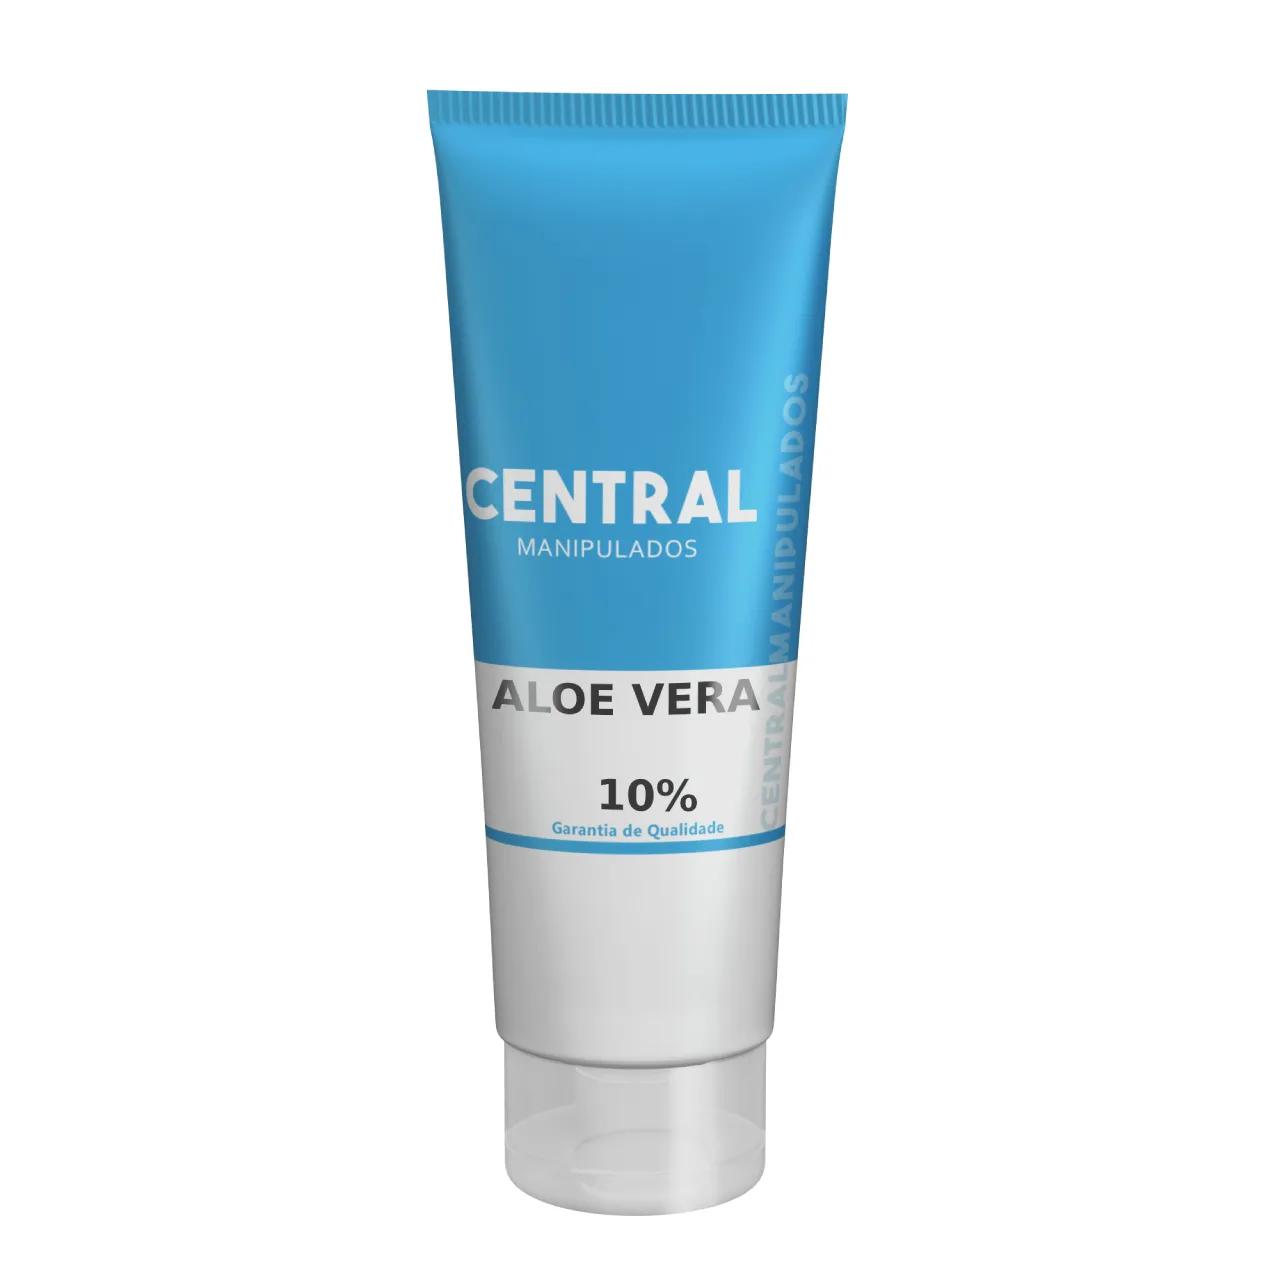 Aloe Vera 10% - Creme 60G -  Cicatrizante,  Tonificante,  Antiinflamatória, Refrescante, Protetora e Restauradora de Tecidos, Bom para Queimaduras